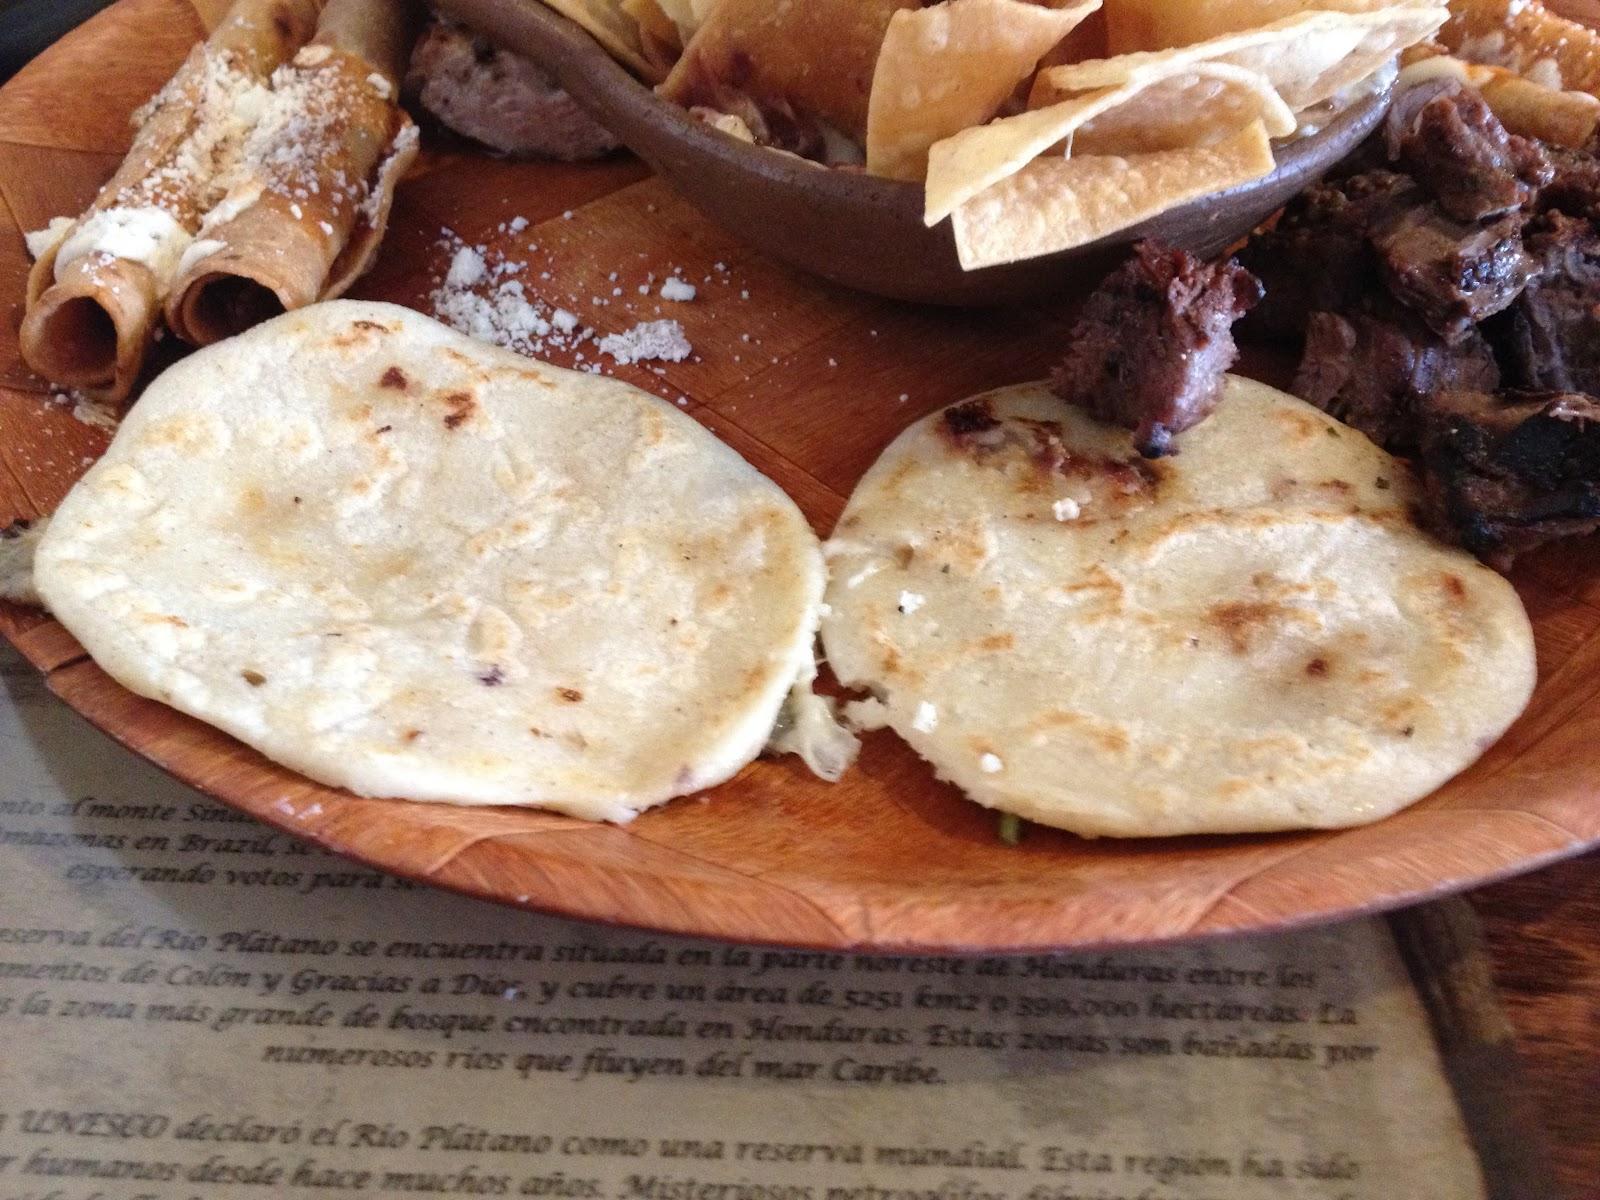 Mantequilla Hondurena